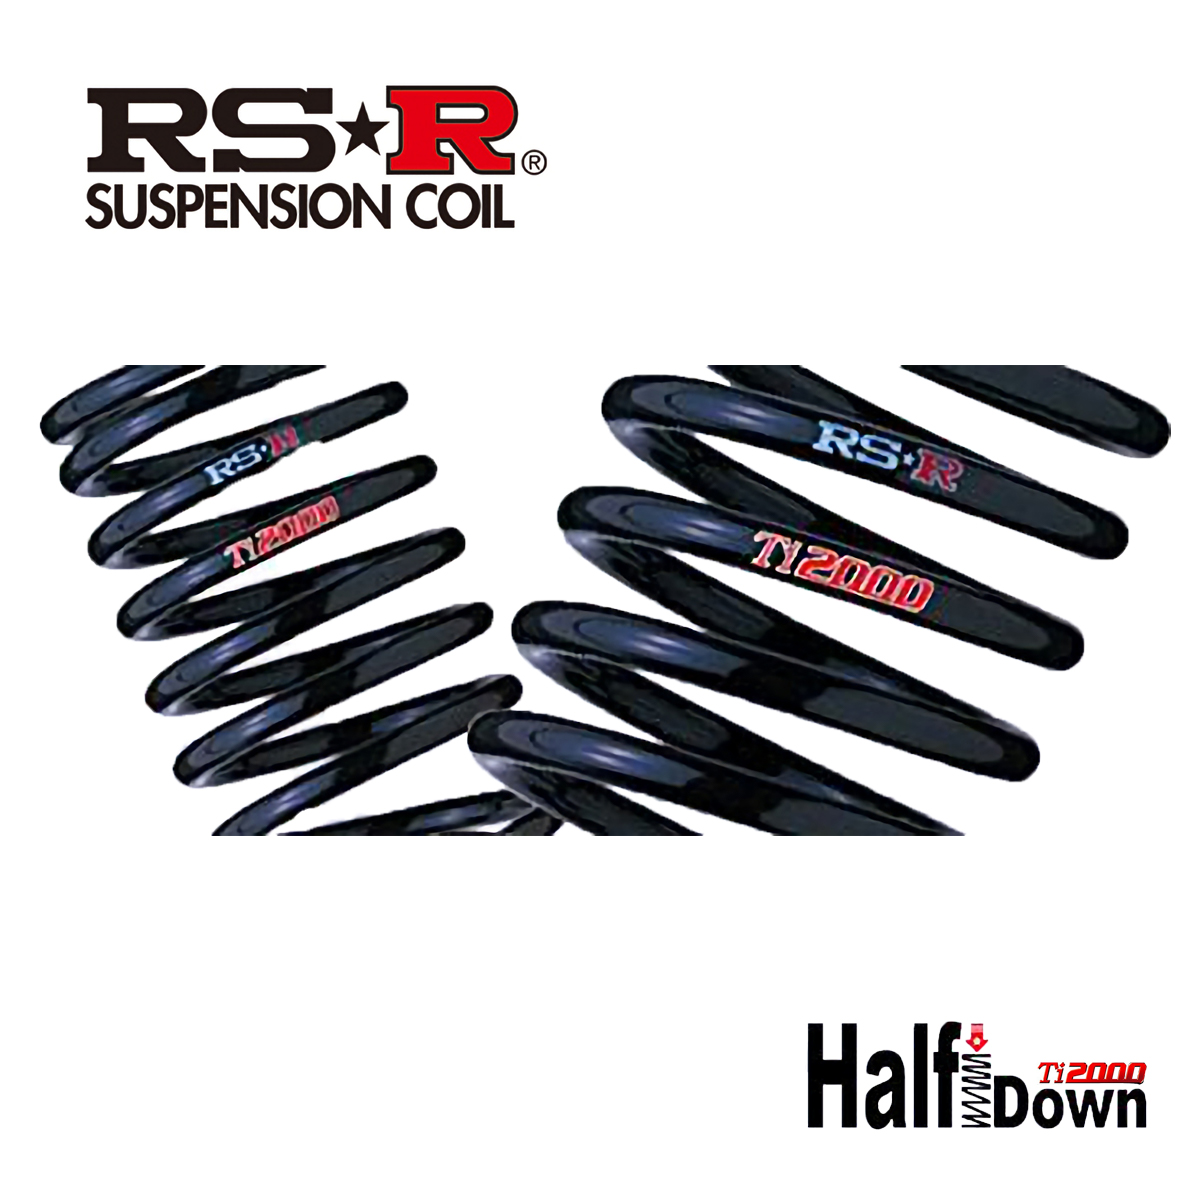 RS-R N-BOXカスタム NBOXカスタム JF4 G・Lターボホンダセンシング ダウンサス スプリング リア H426THDR Ti2000 ハーフダウン RSR 個人宅発送追金有